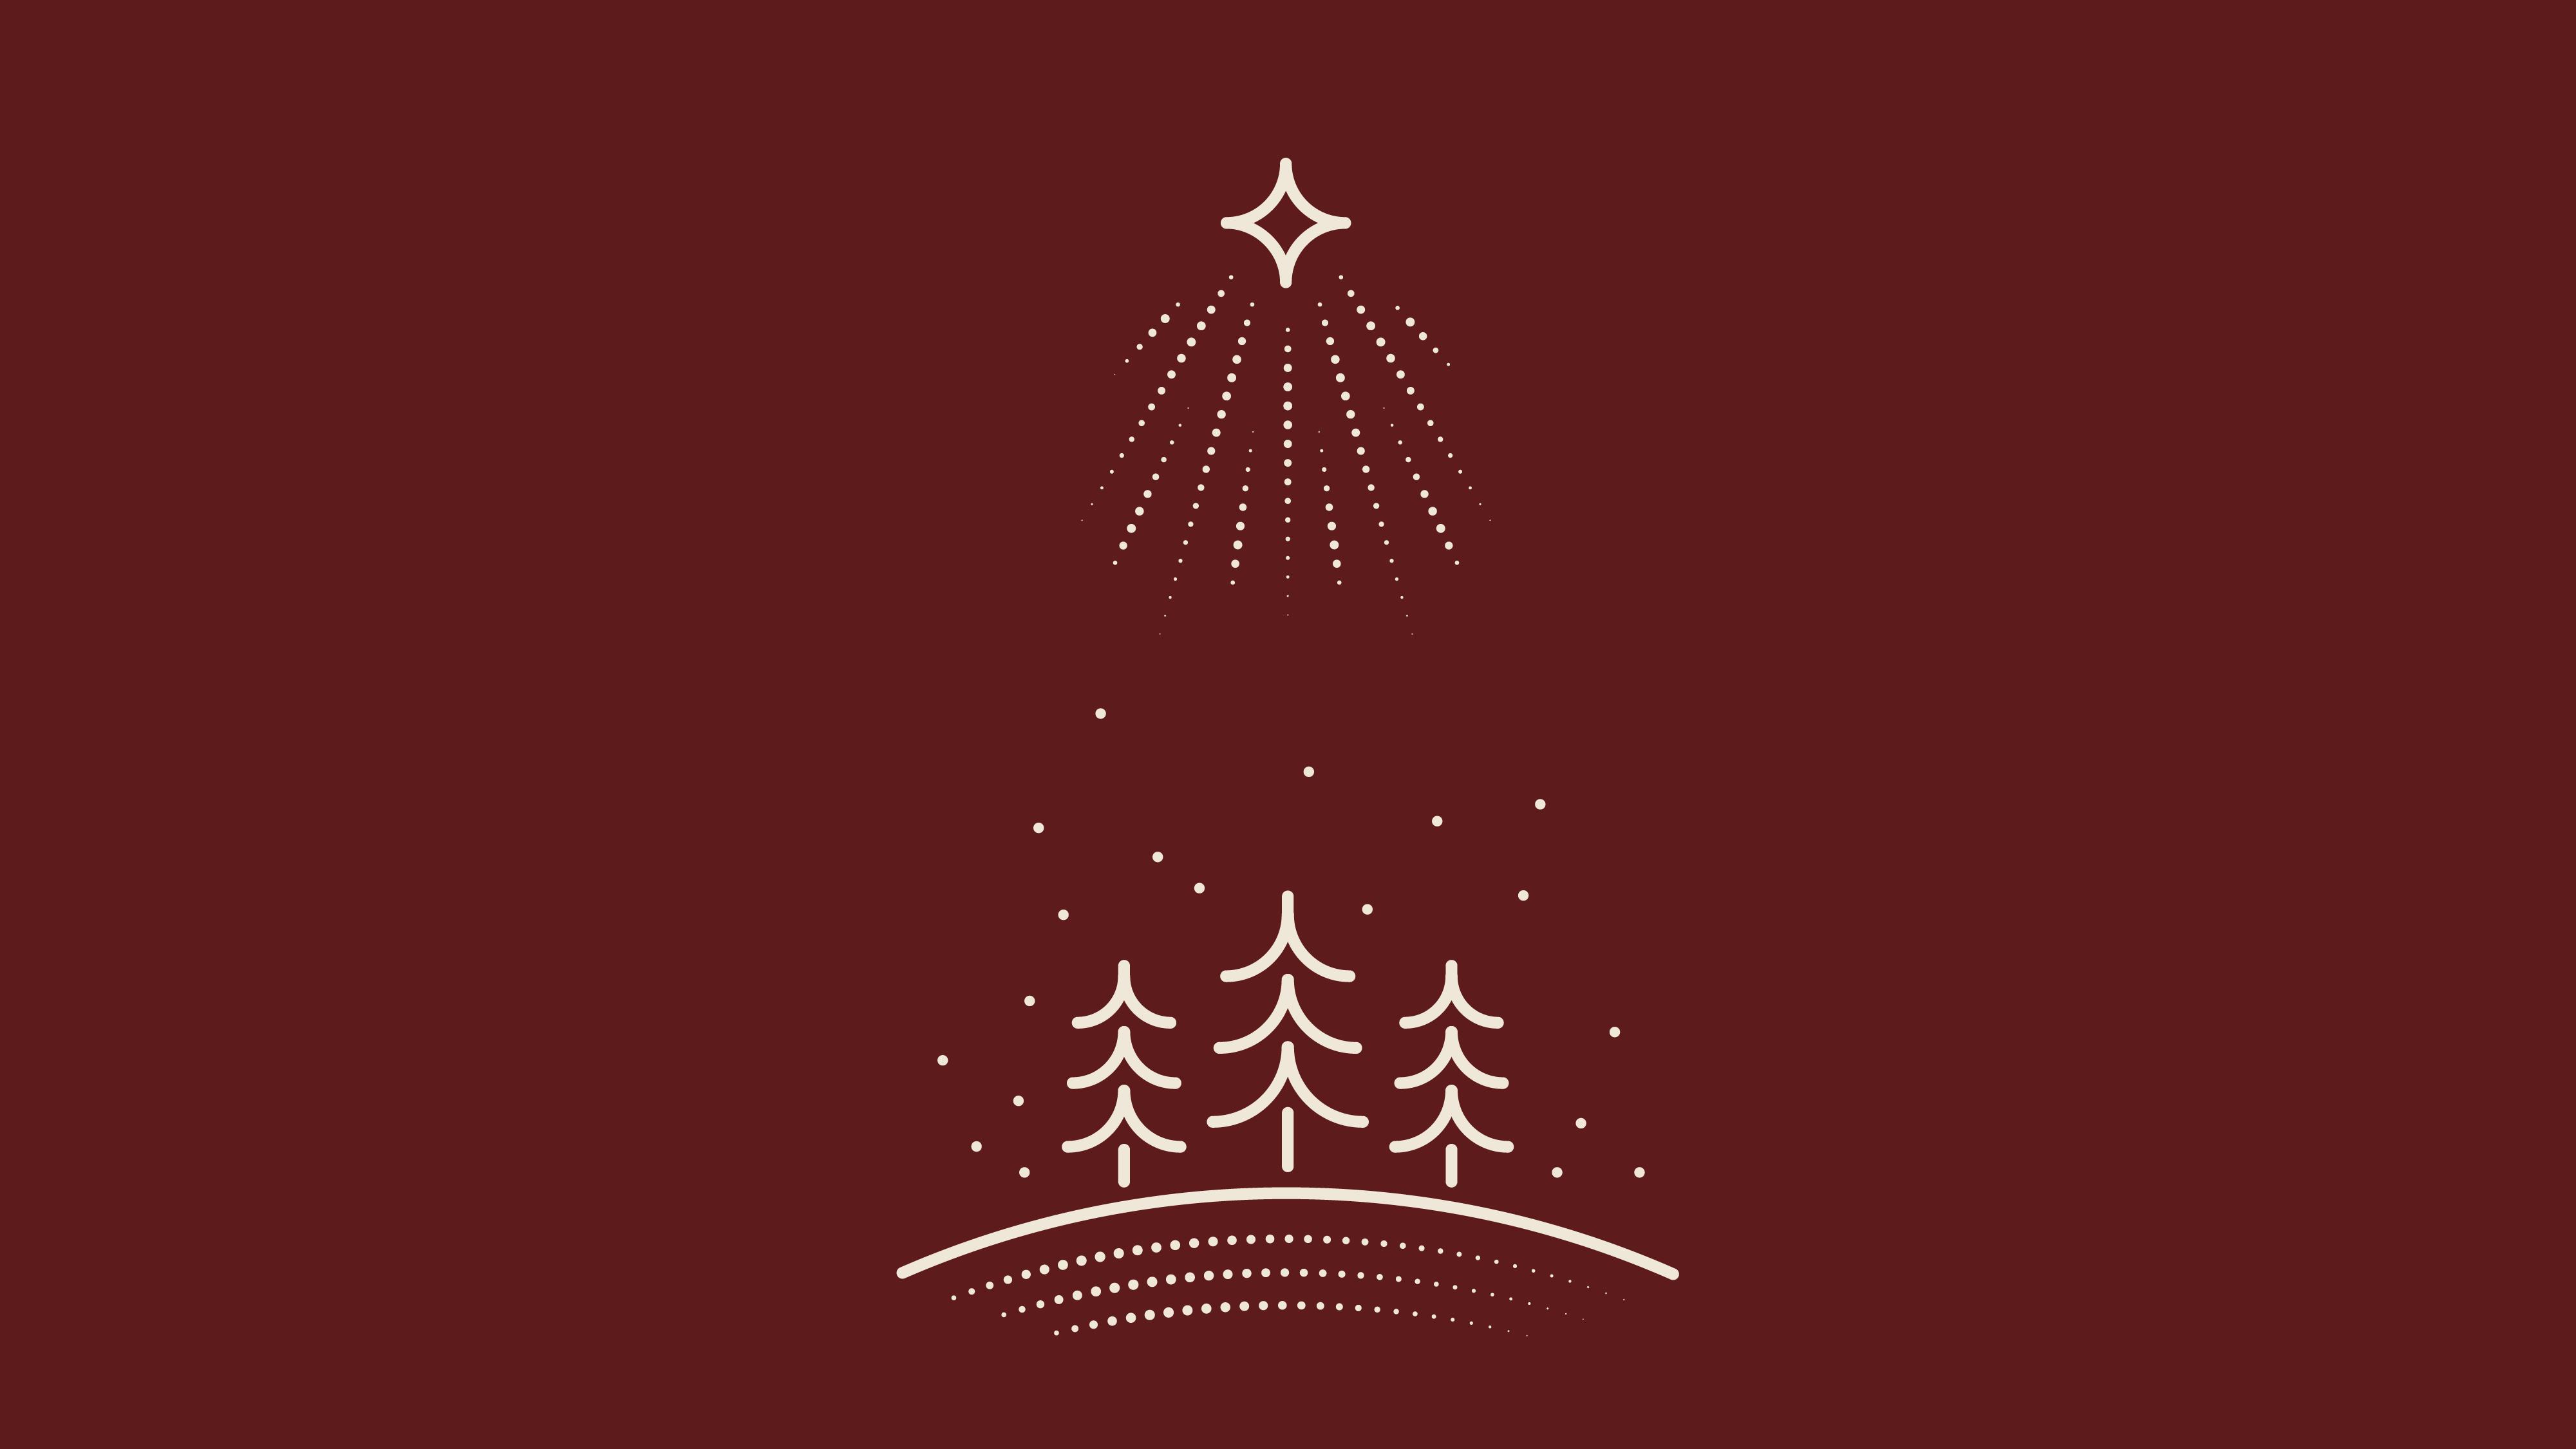 Star of Bethlehem over three trees